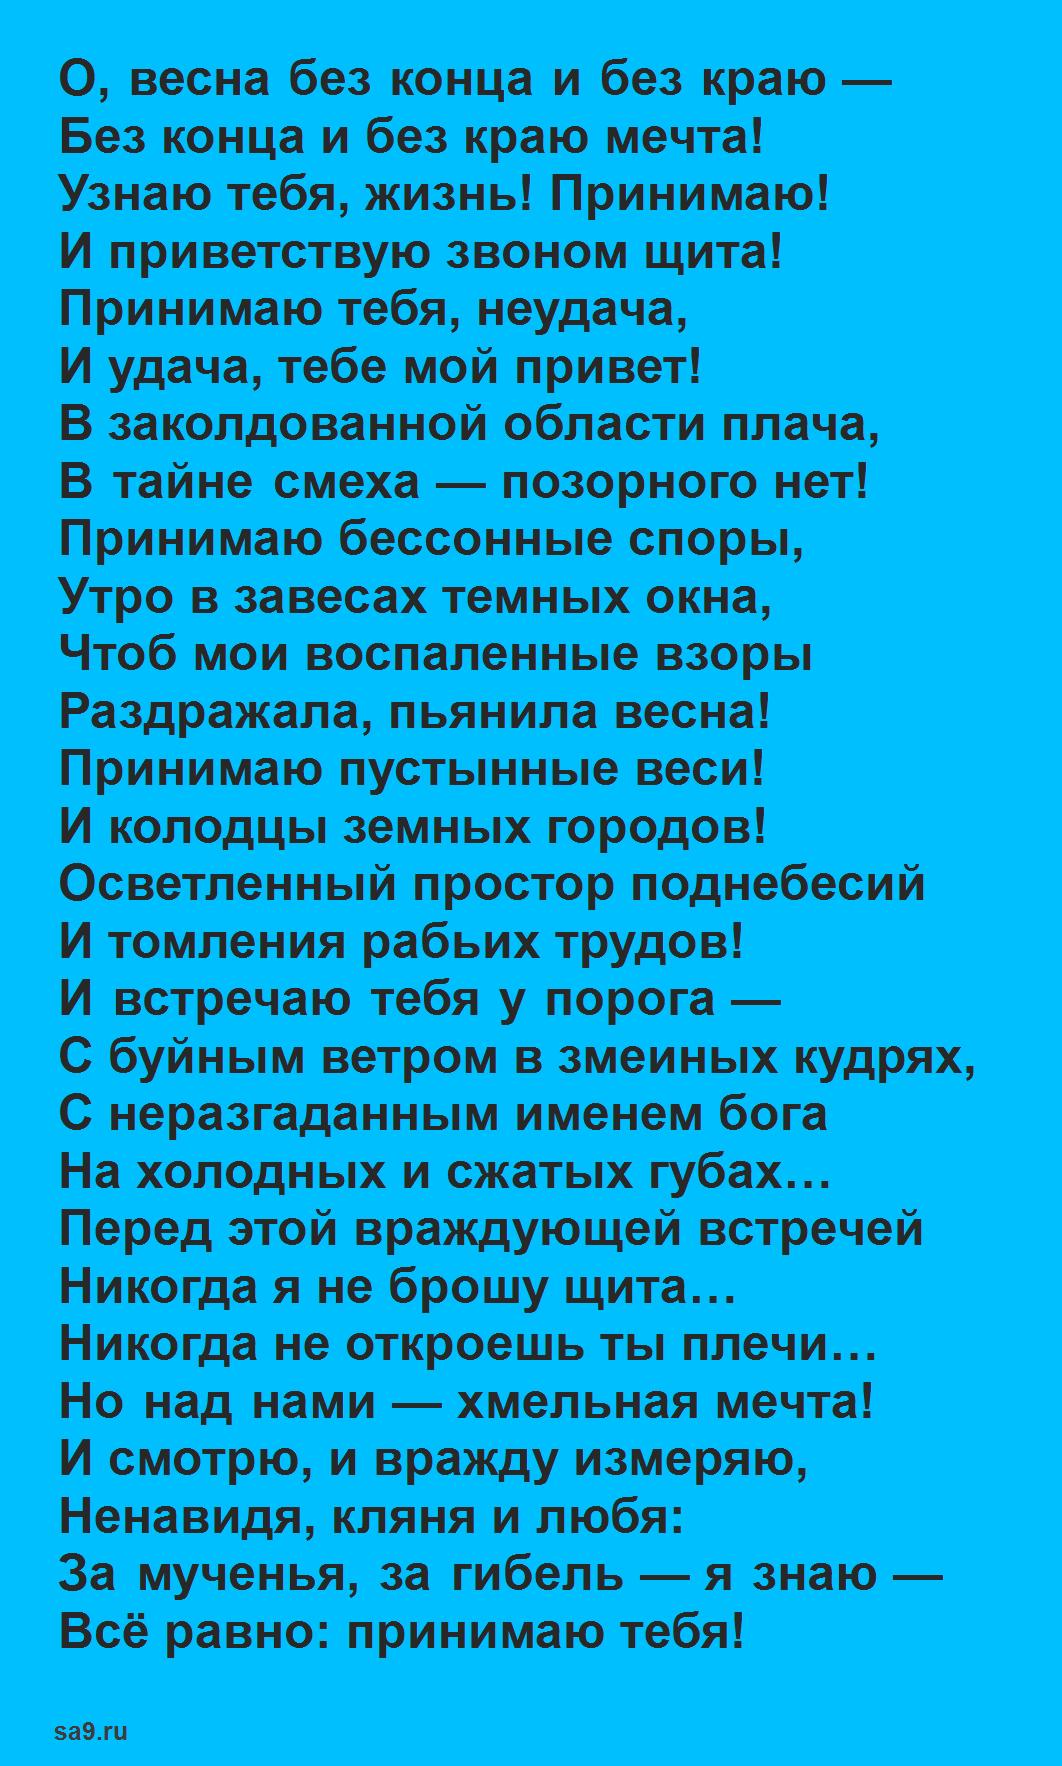 Стихи Блока о весне - О, весна без конца и без краю